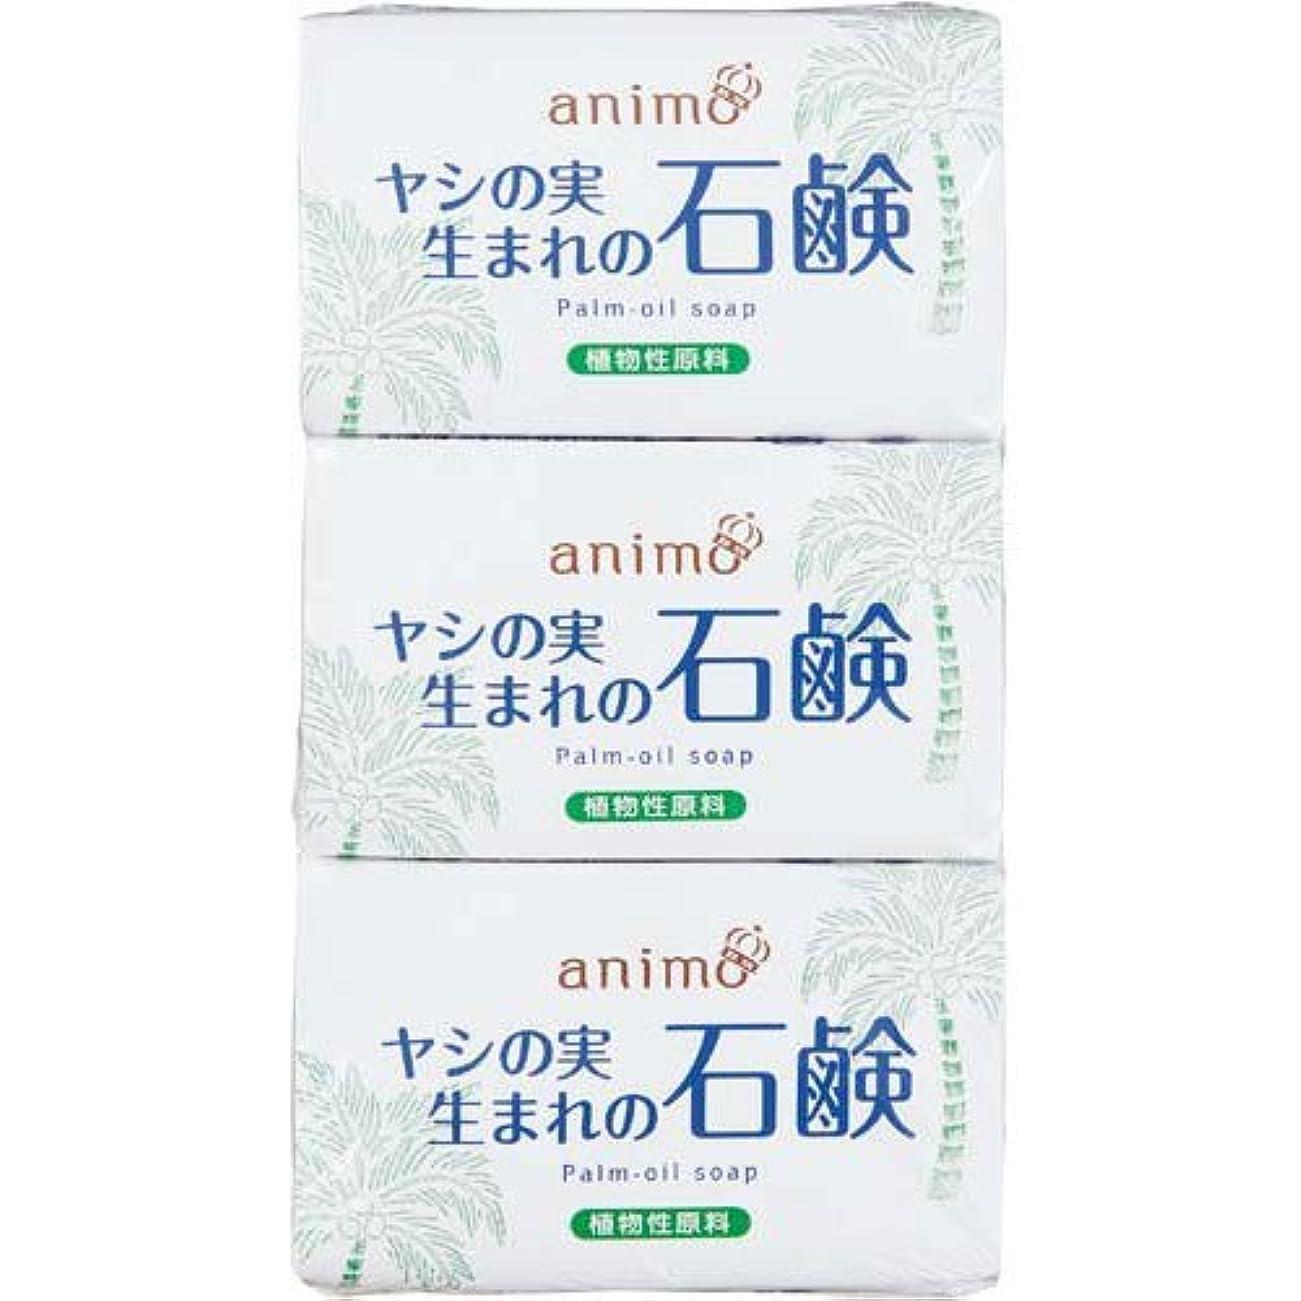 ドーム授業料想定ロケット石鹸 ヤシの実石鹸 80g×3個×5パック